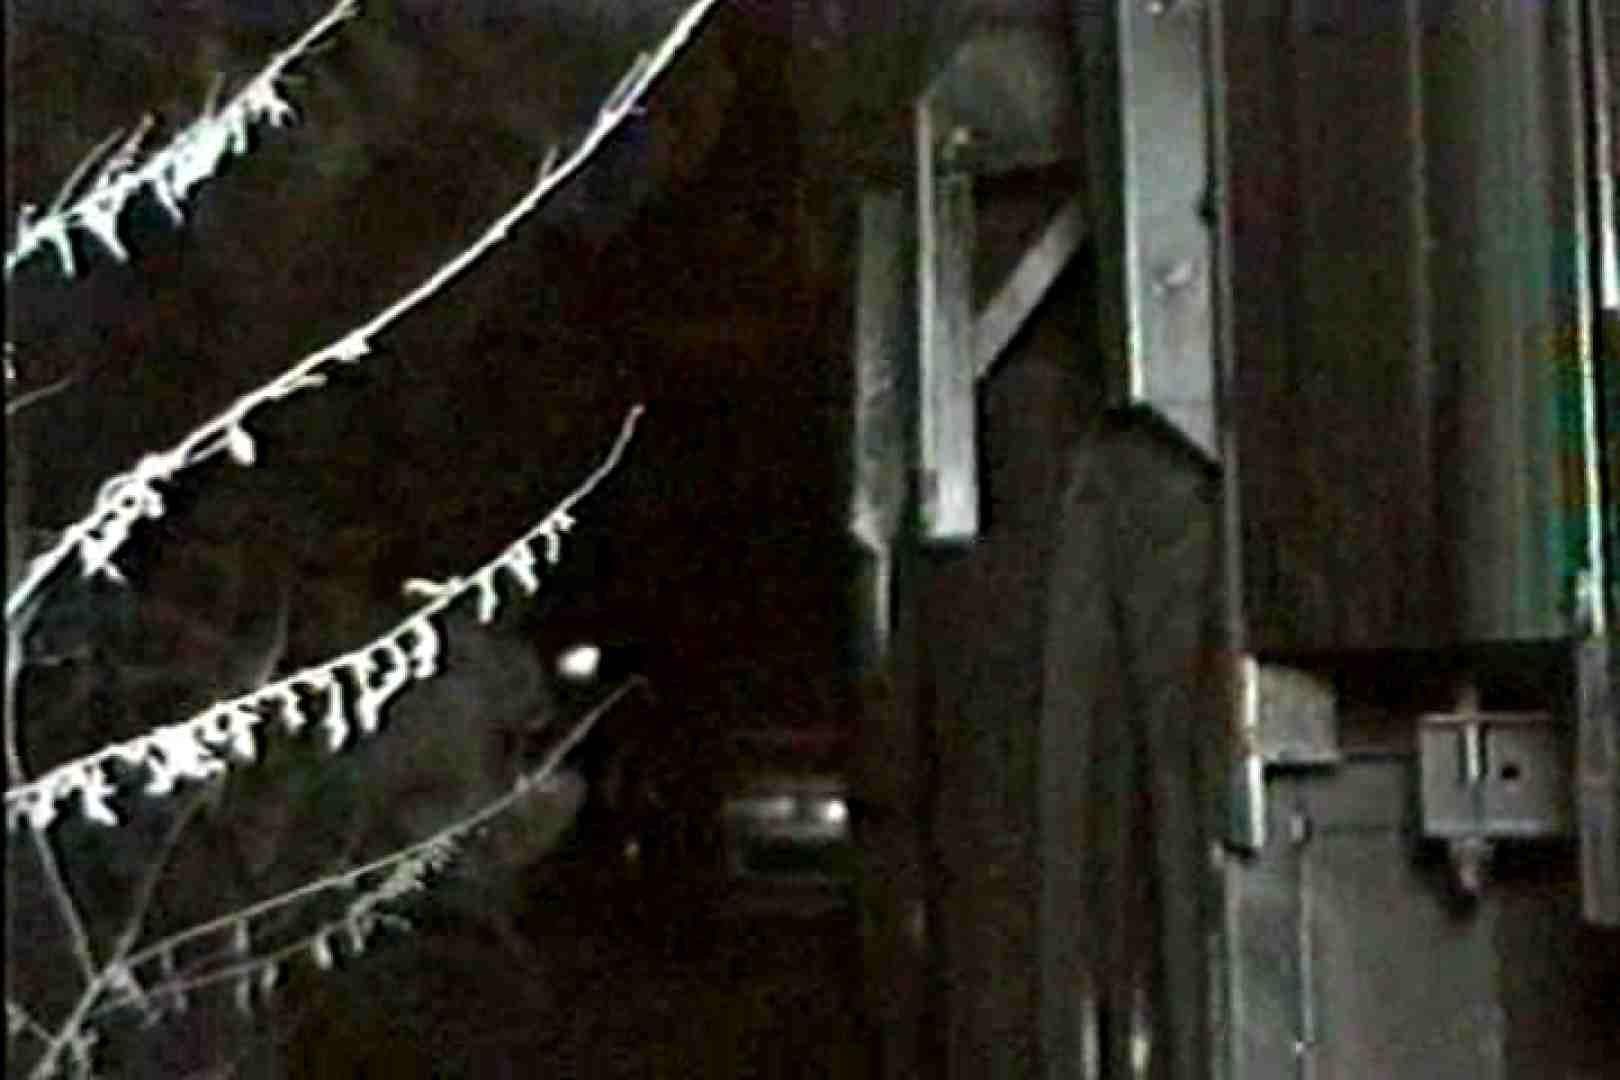 車の中はラブホテル 無修正版  Vol.8 車でエッチ | カーセックス  102PIX 49